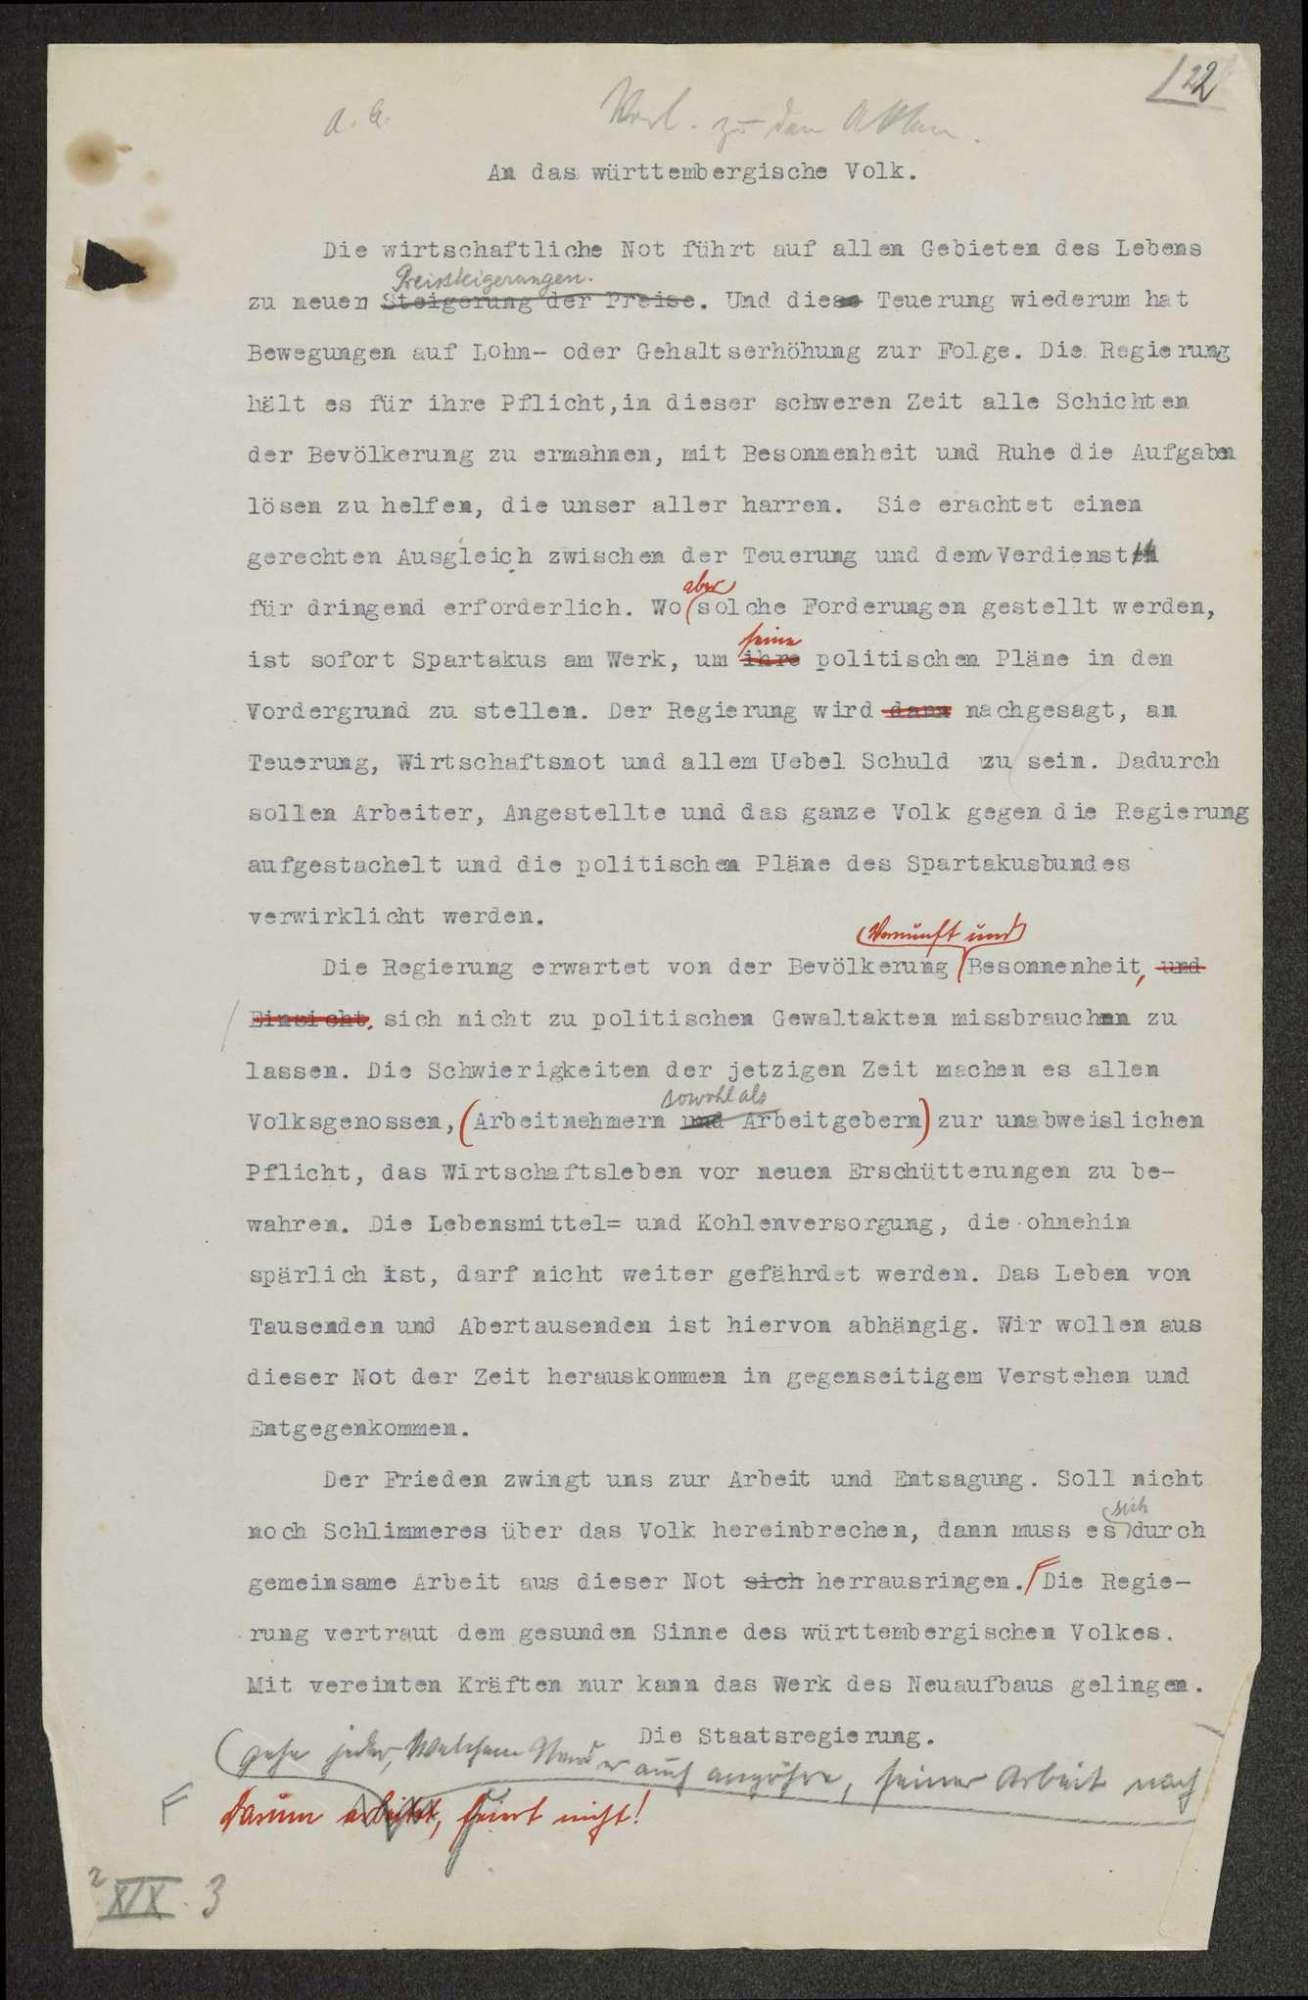 Aufrufe, Anordnungen, Verordnungen, Erlasse usw. der Provisorischen Regierung, die im Zusammenhang mit der Staatsumwälzung vom 09.11.1918 ergangen sind, Bild 1